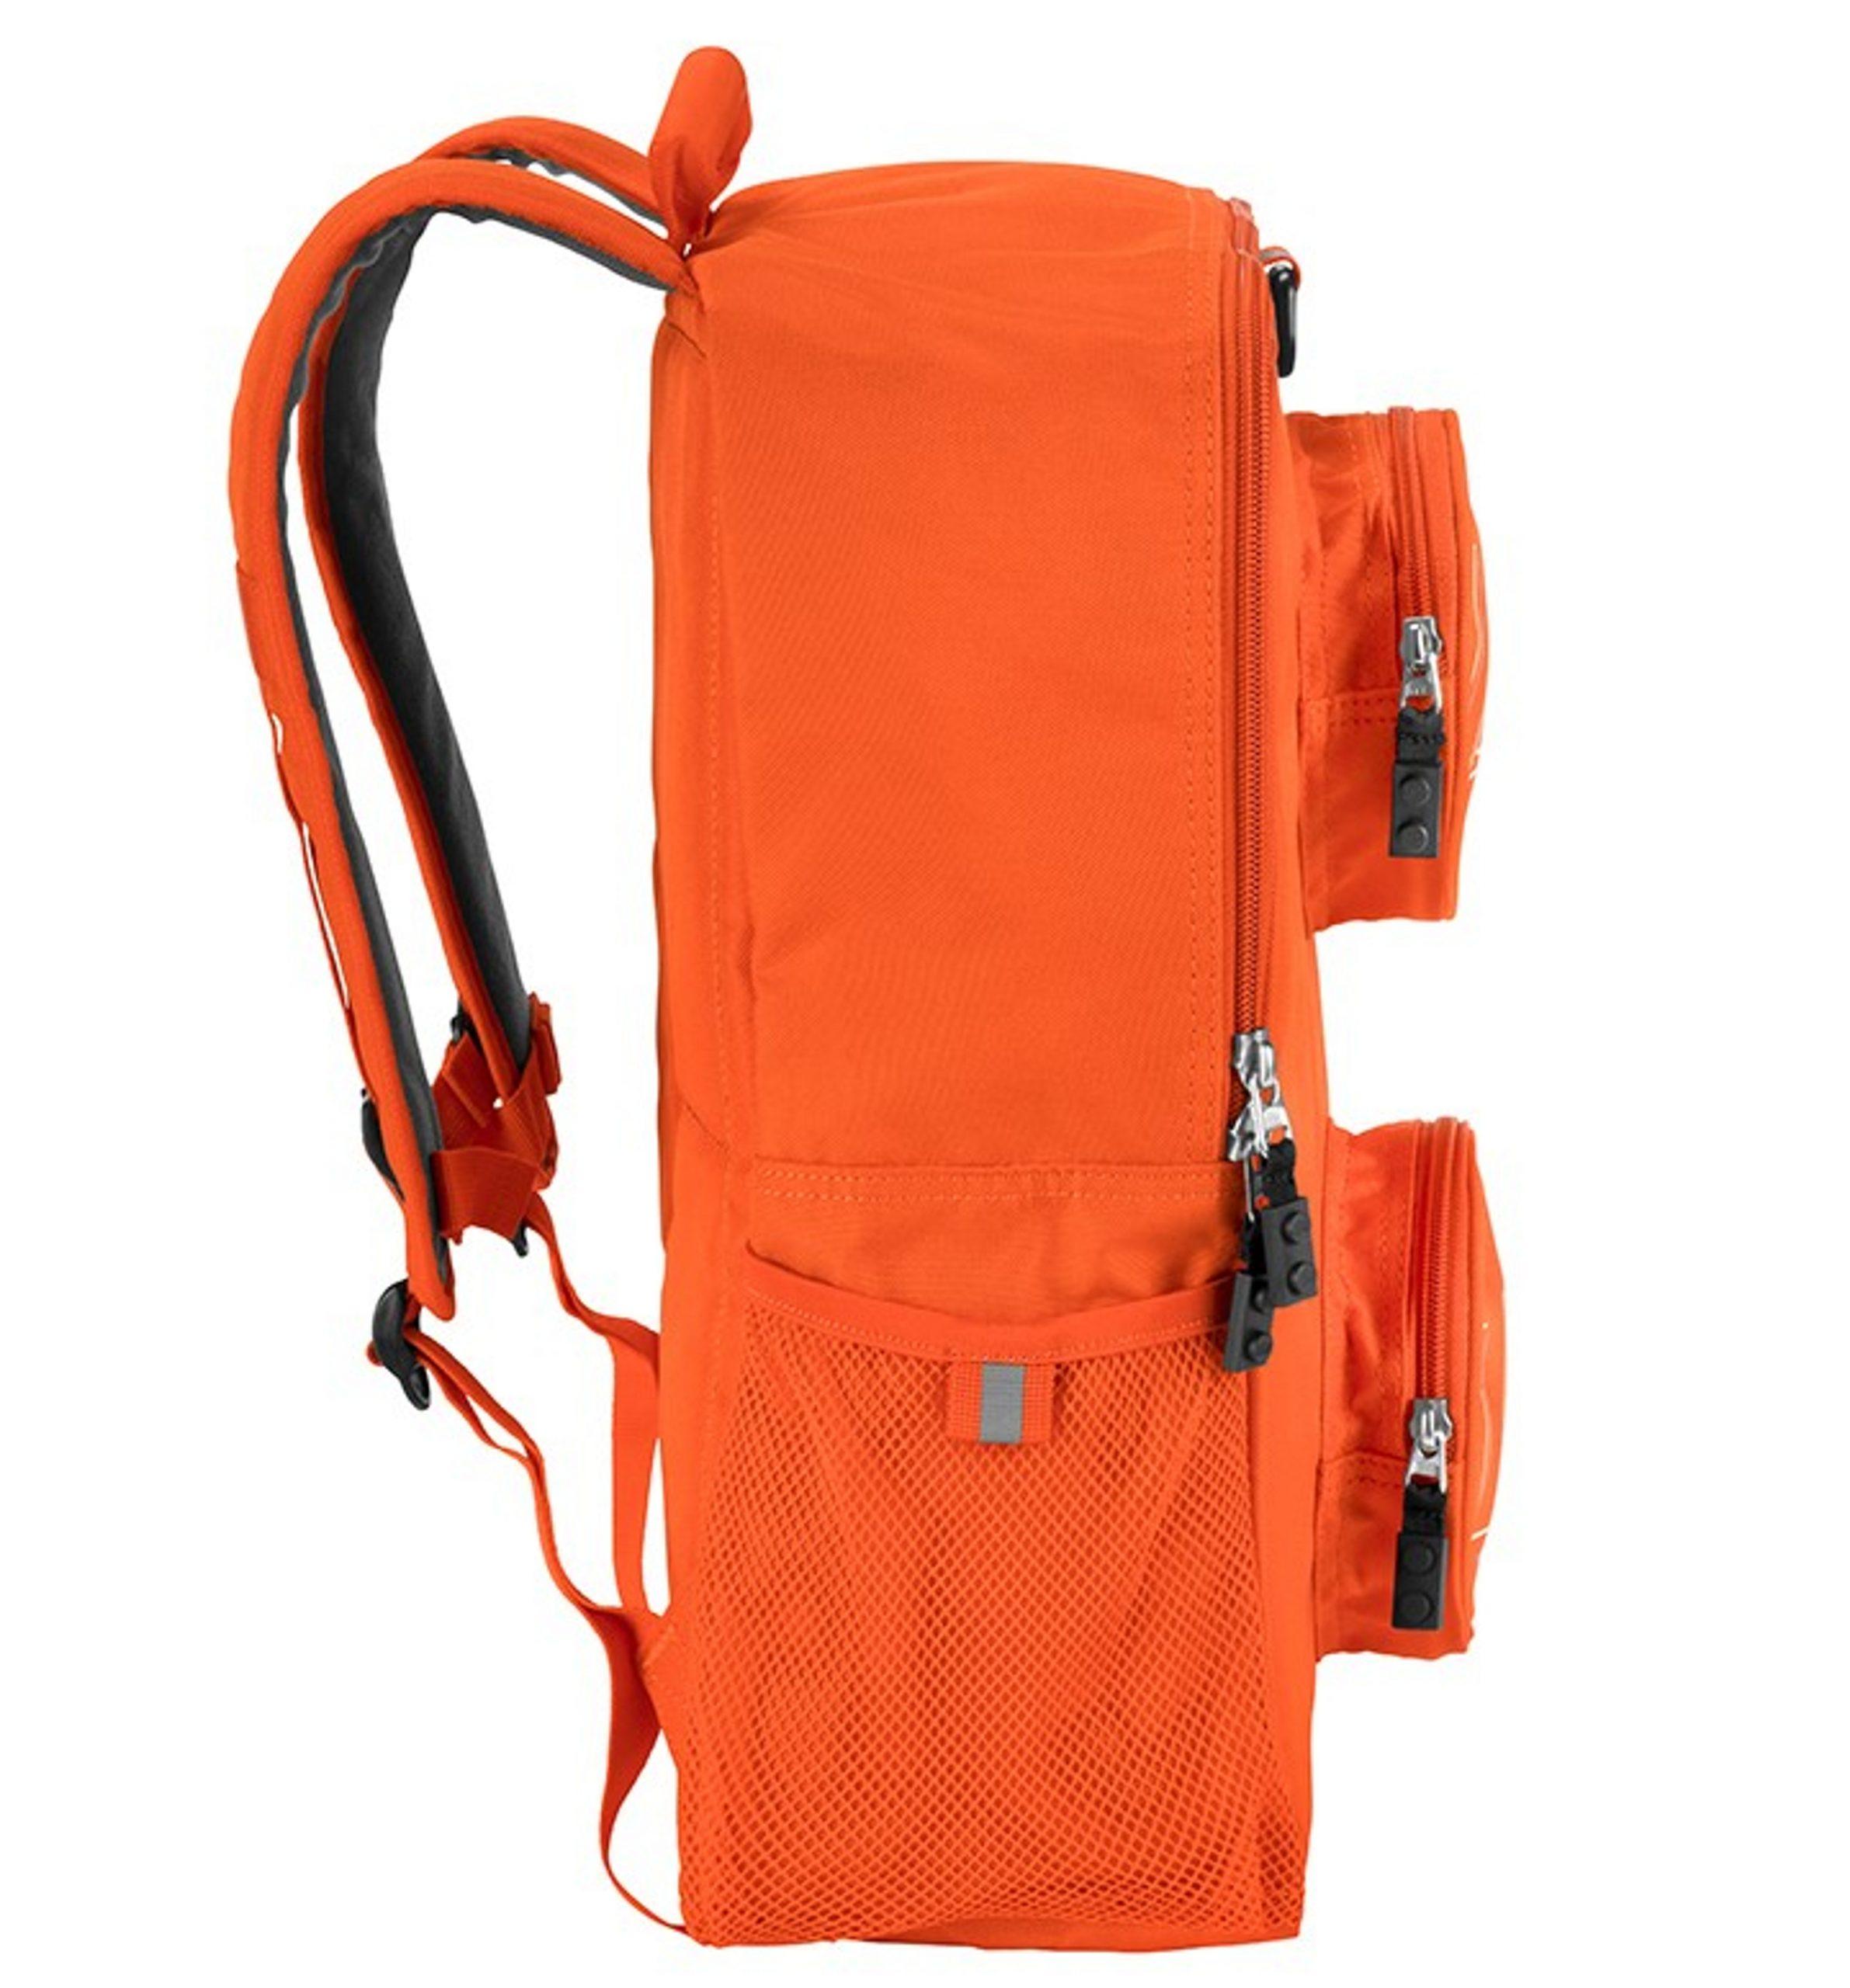 lego 5005521 brick backpack orange scaled